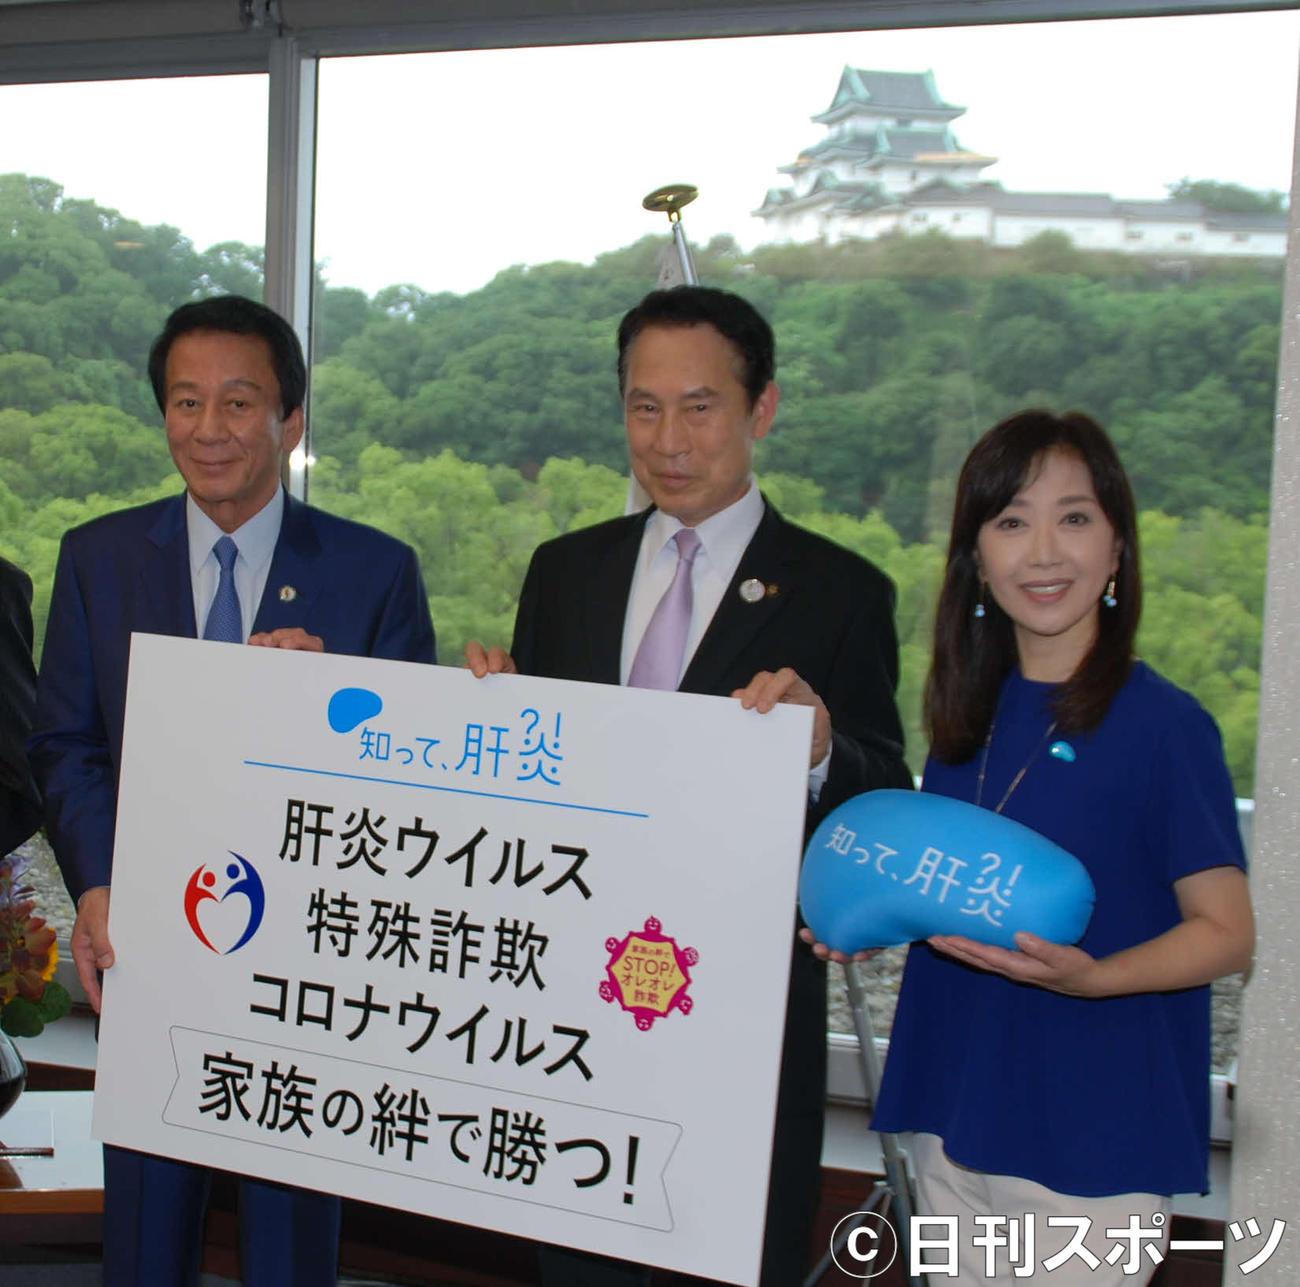 左から杉良太郎、尾花正啓和歌山市長、伍代夏子(撮影・松浦隆司)